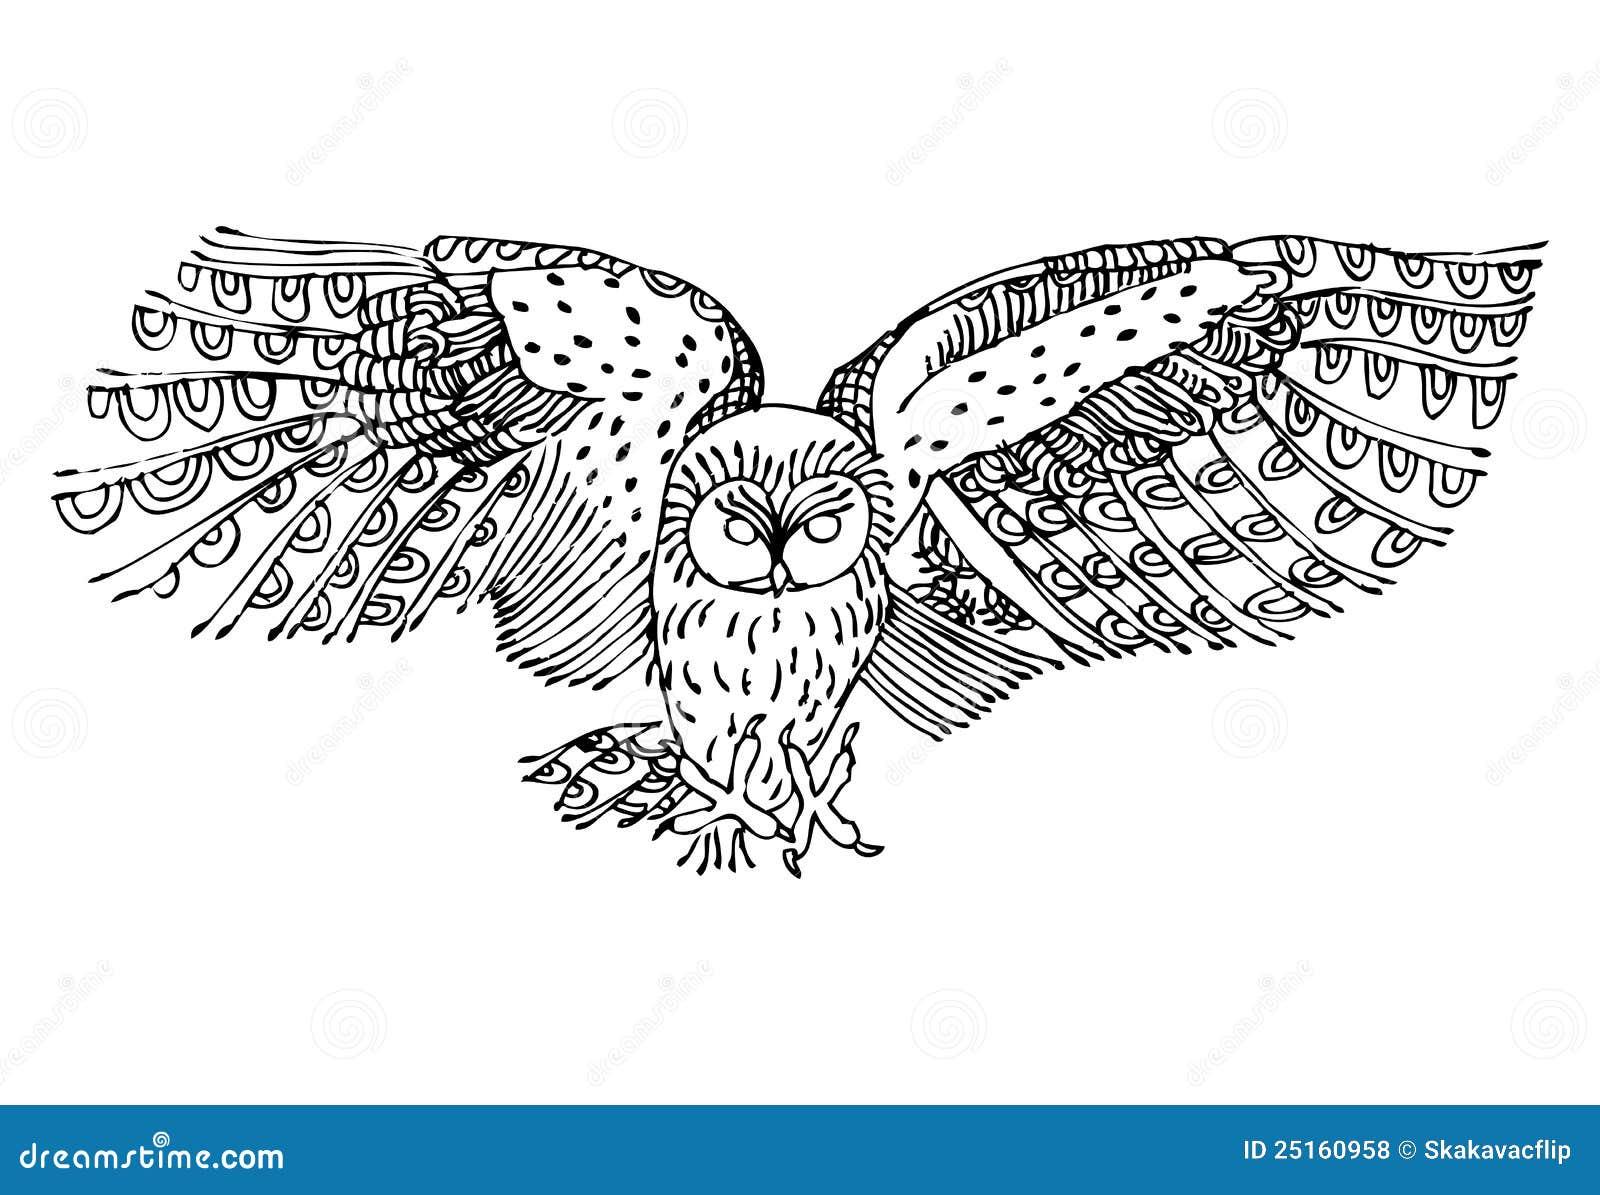 Volwassen Kleurplaten En Mandalas Original Black And White Drawing Of Owl Royalty Free Stock